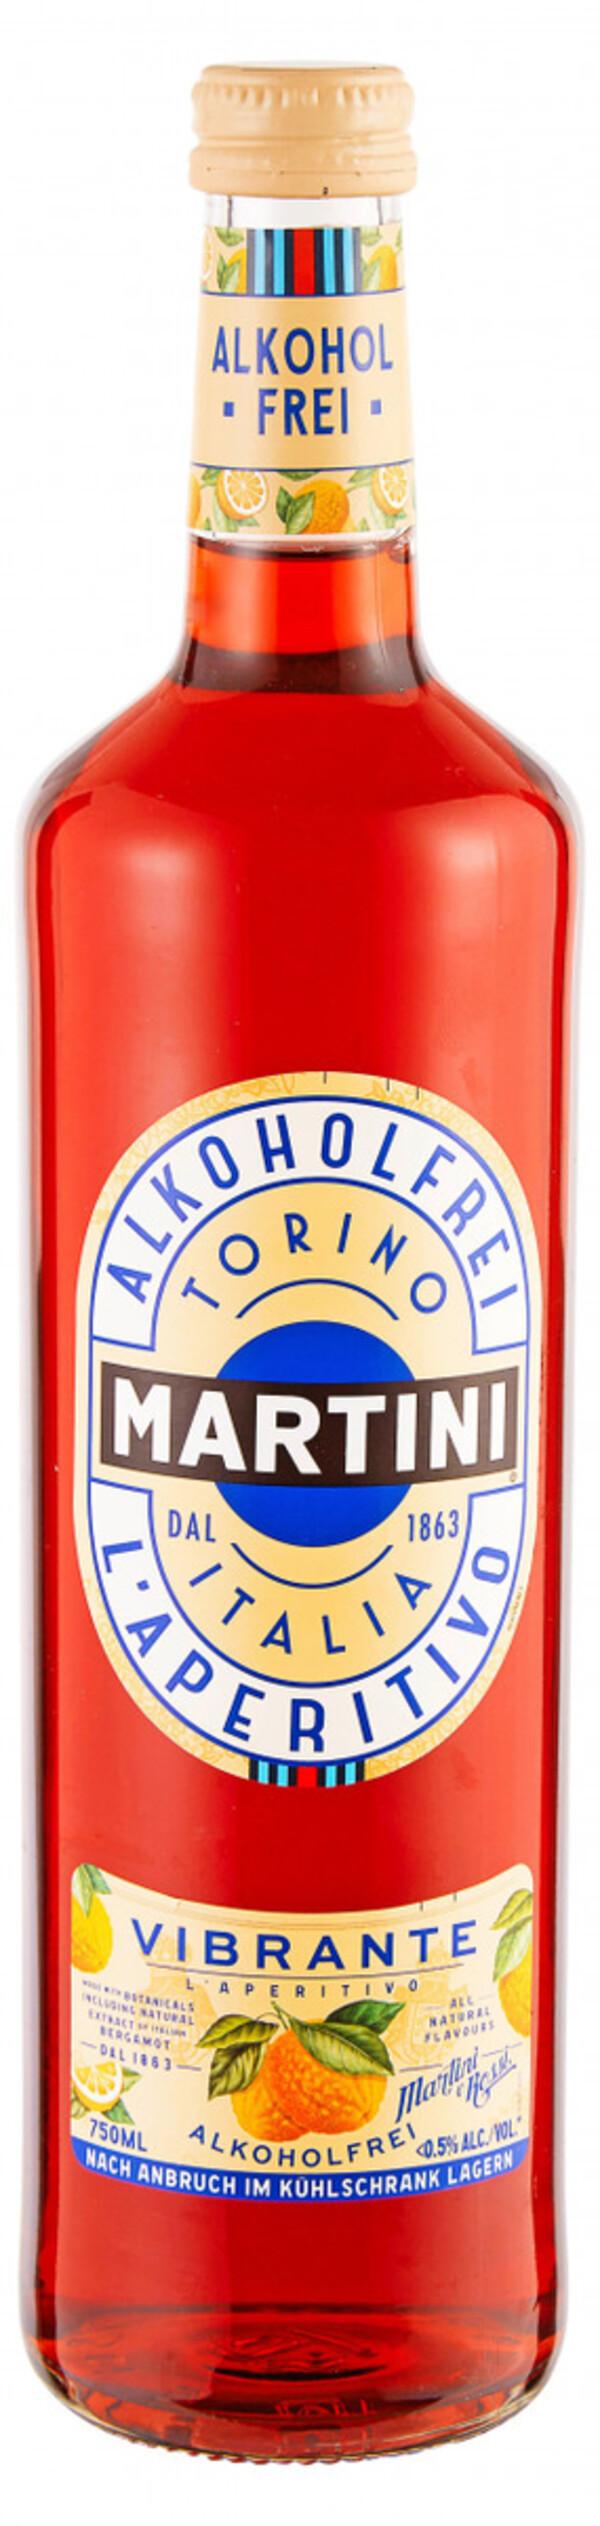 Martini Vibrante, Alkoholfrei